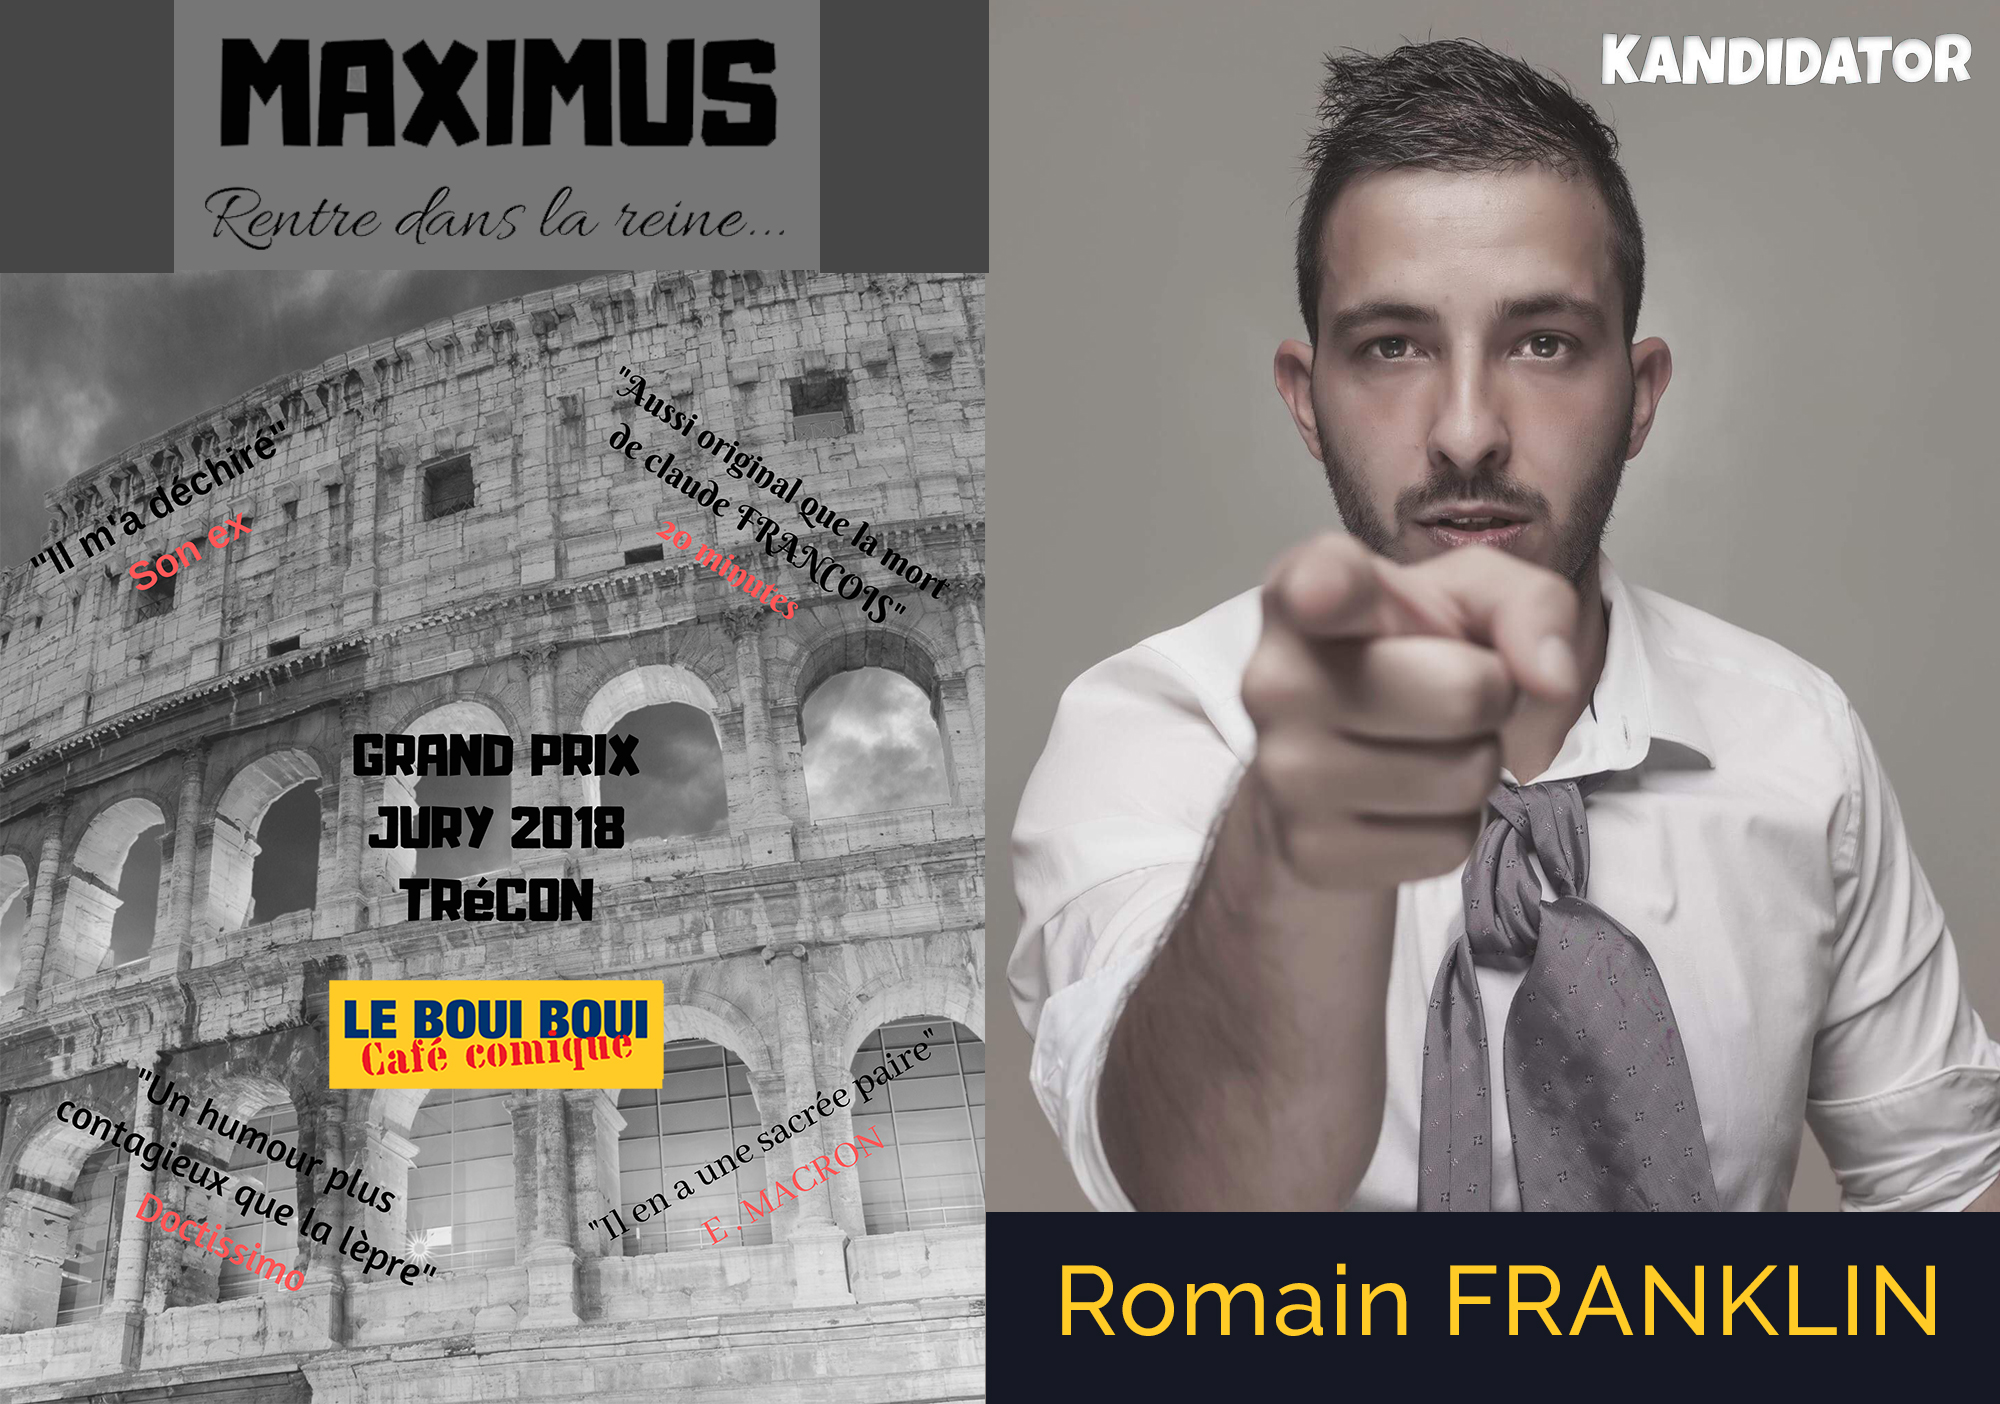 MAXIMUS et Romain FRANKLIN, le 14 Avril - Boui Boui Café Comique